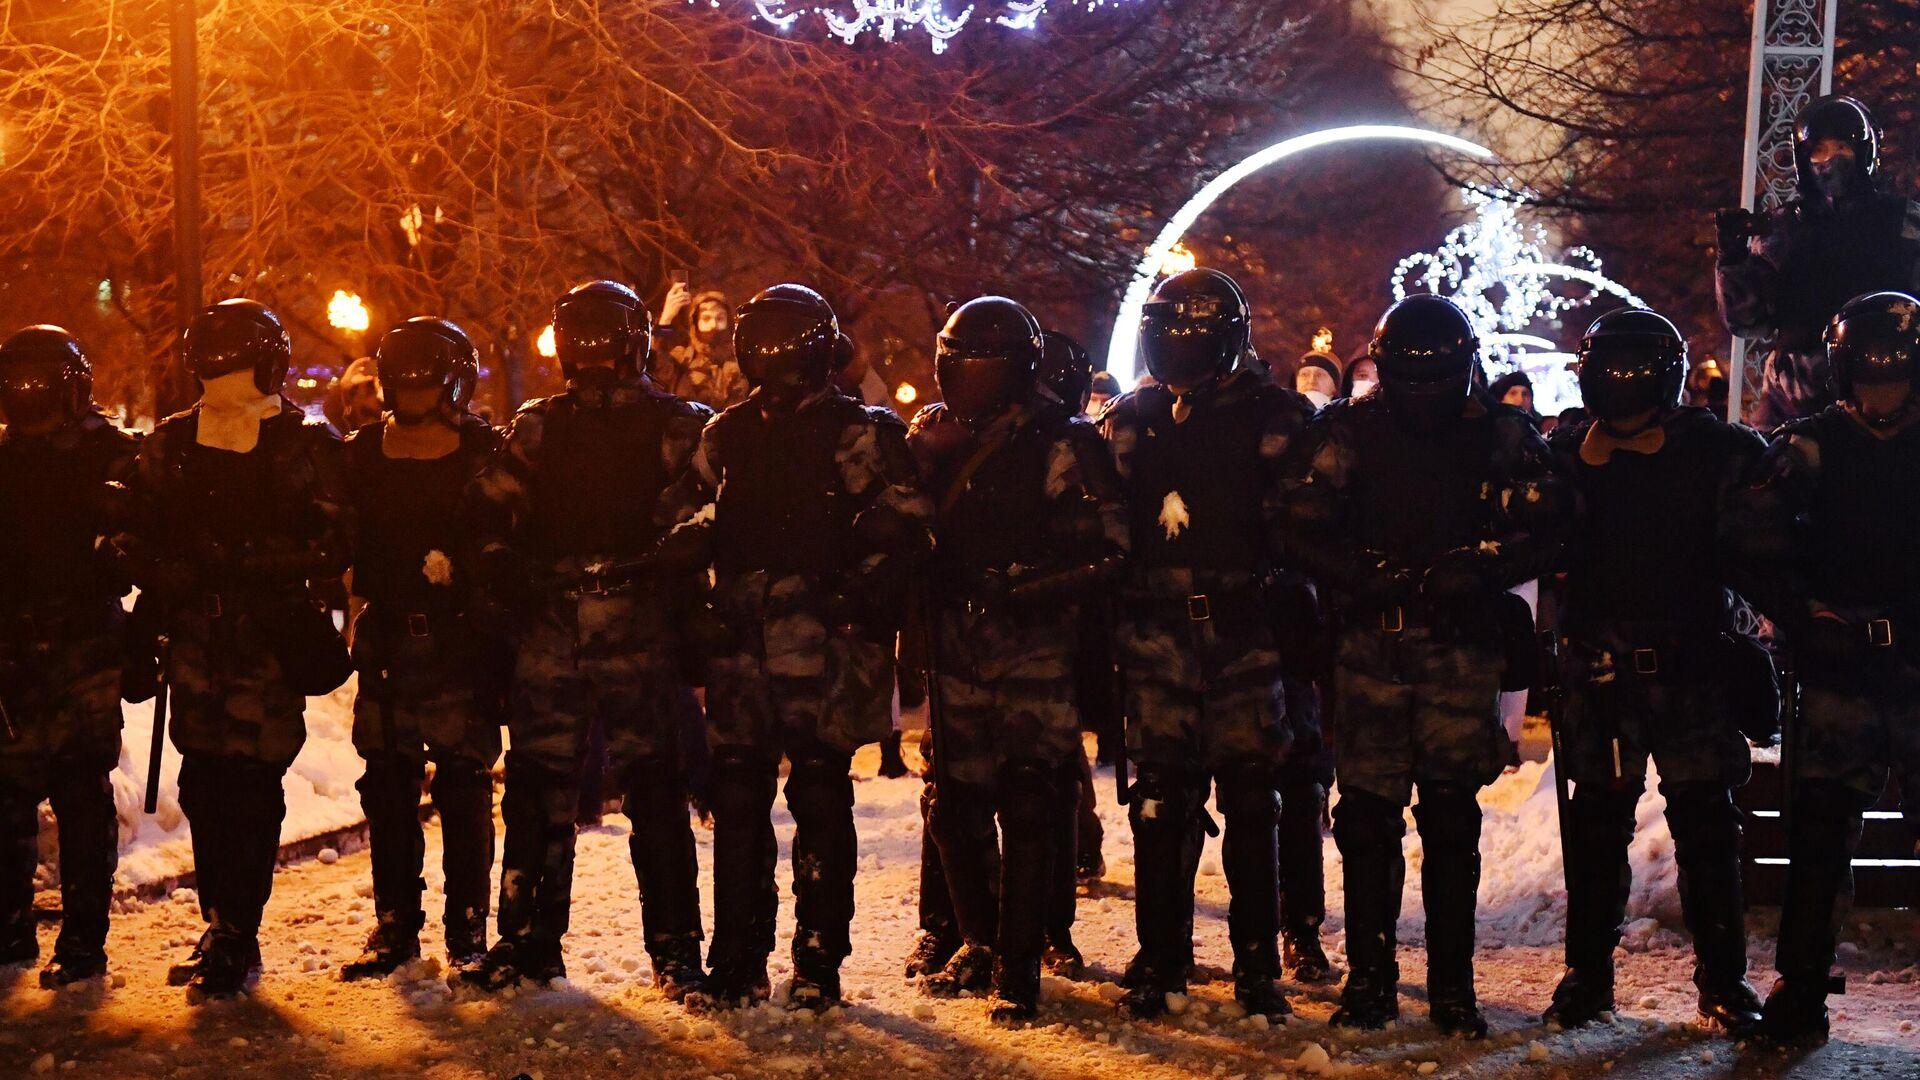 Сотрудники правоохранительных органов стоят в оцеплении на Цветном бульваре в Москве во время несанкционированной акции сторонников Алексея Навального - РИА Новости, 1920, 24.01.2021